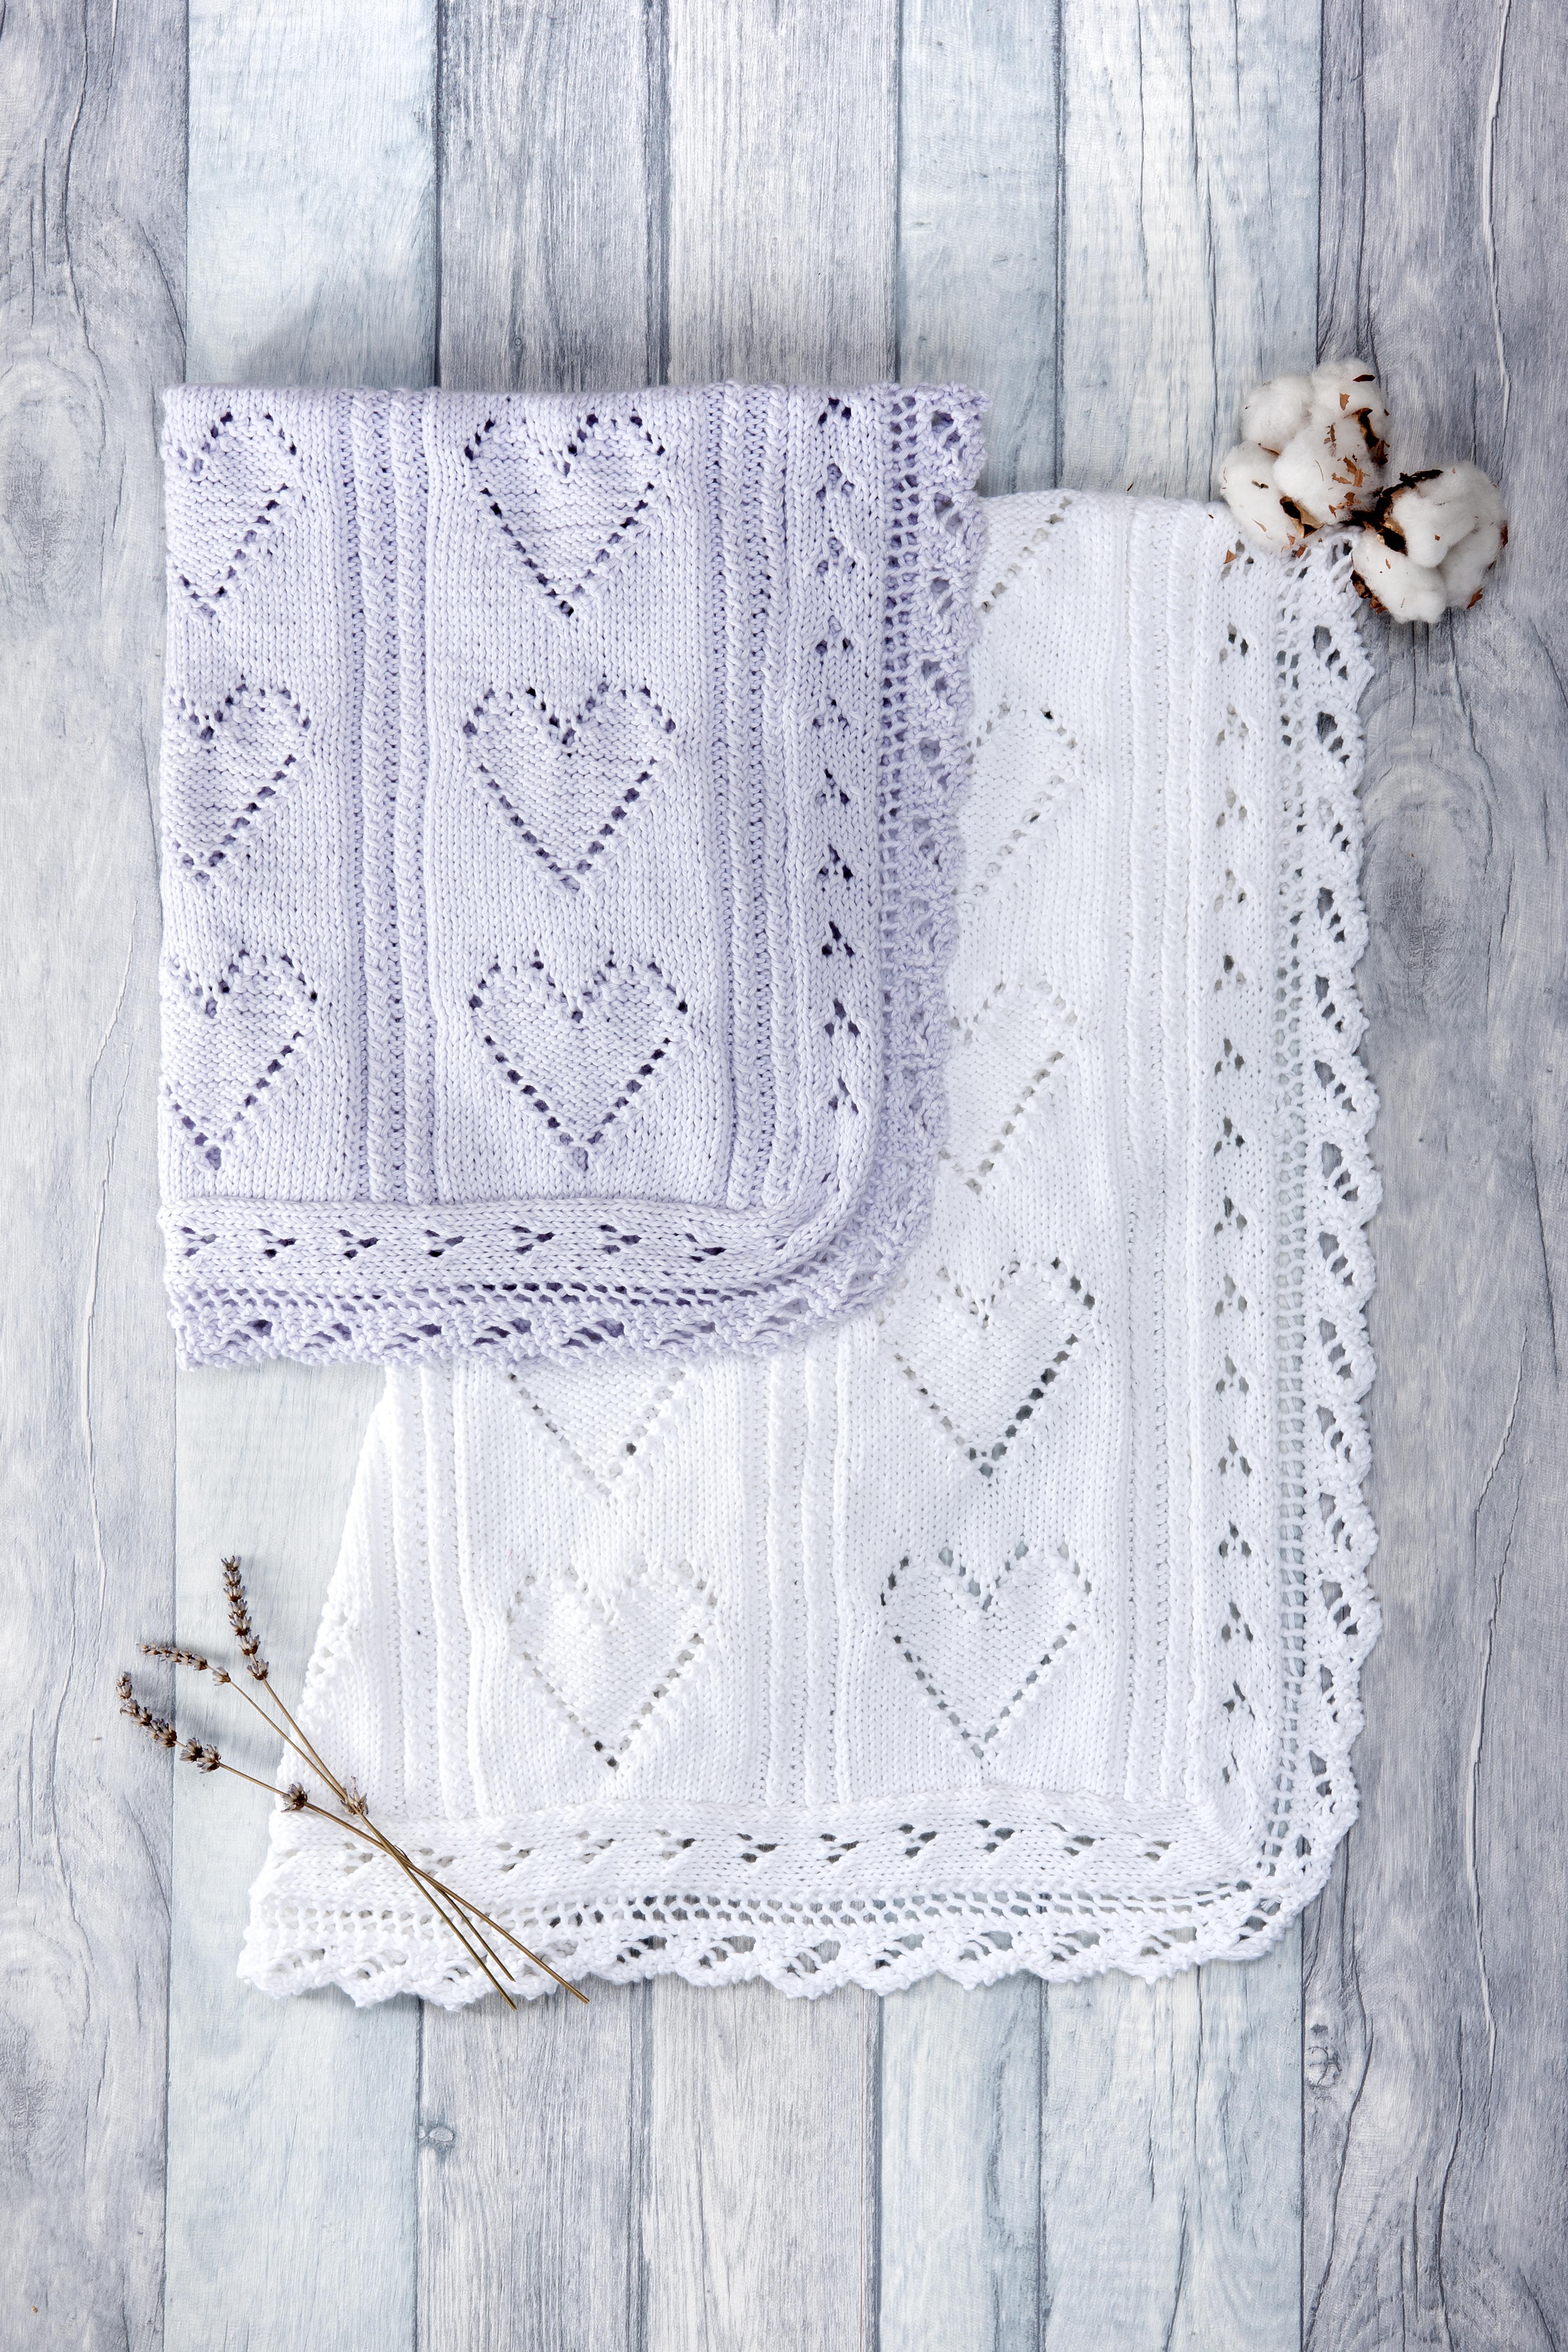 Peter Pan knit & crochet 387 – Lady Sew & Sew Knits